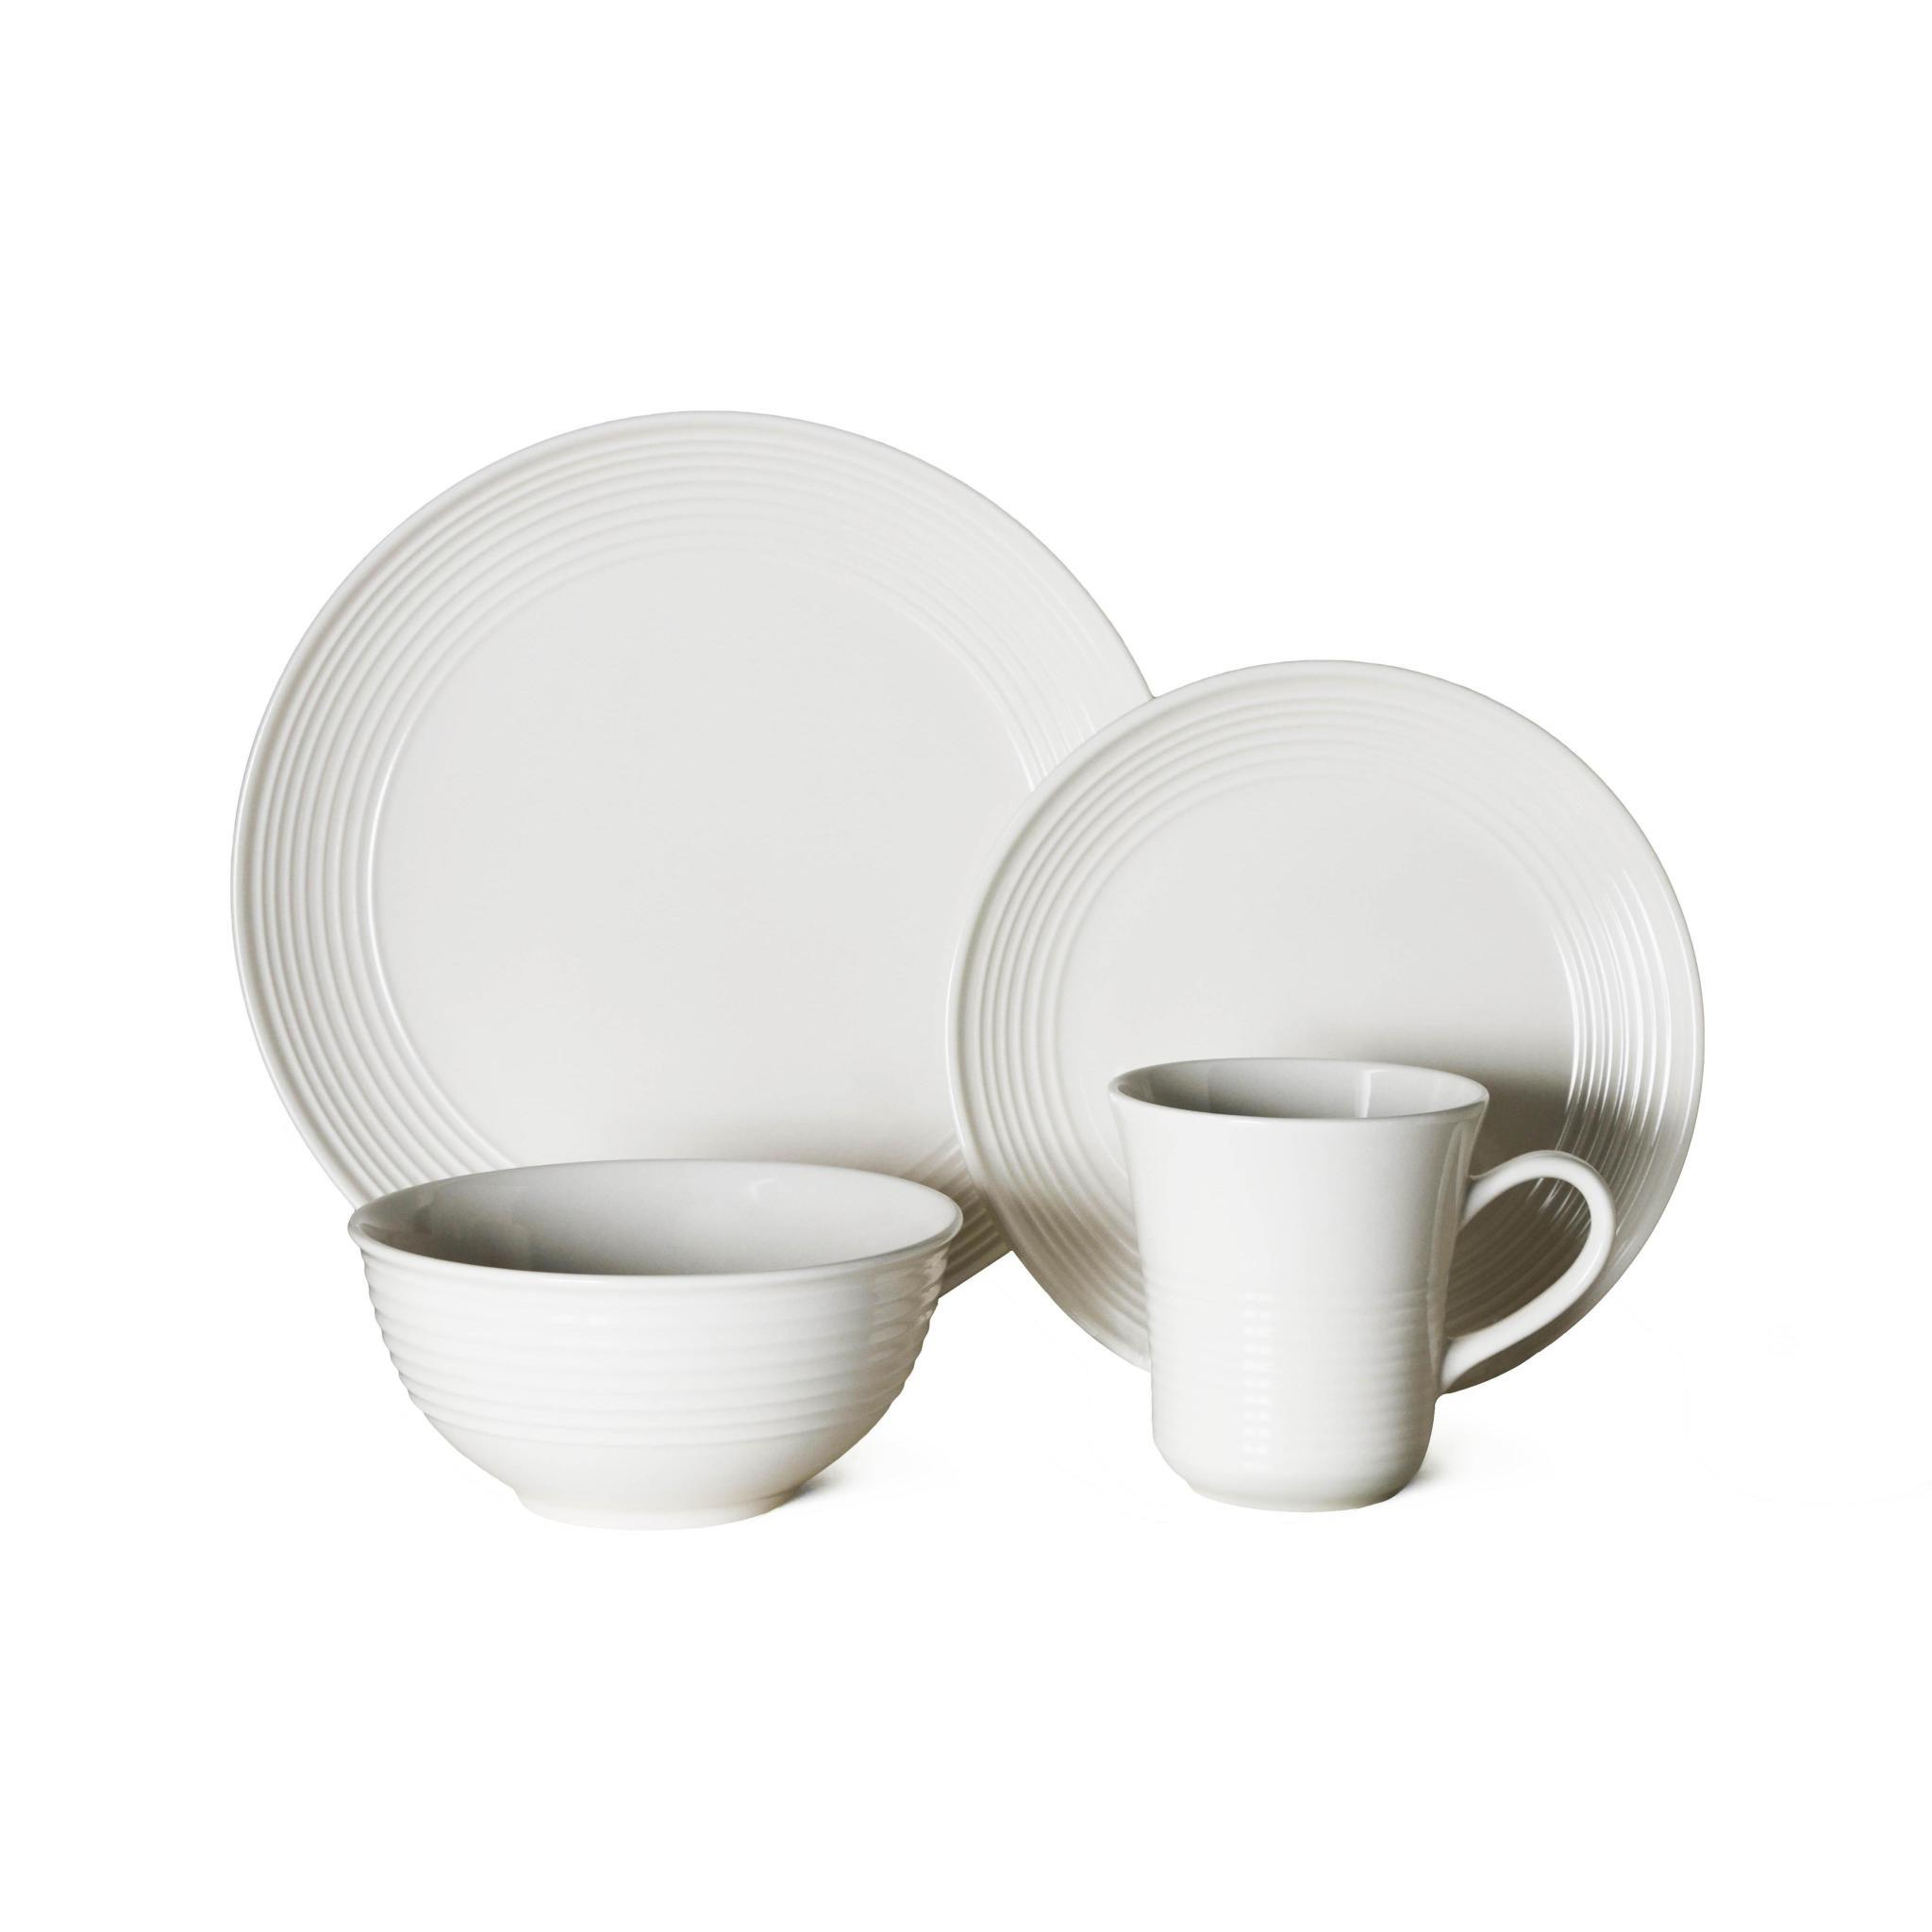 Thompson Pottery Dinnerware Set - Cabo 16 Piece Set - White